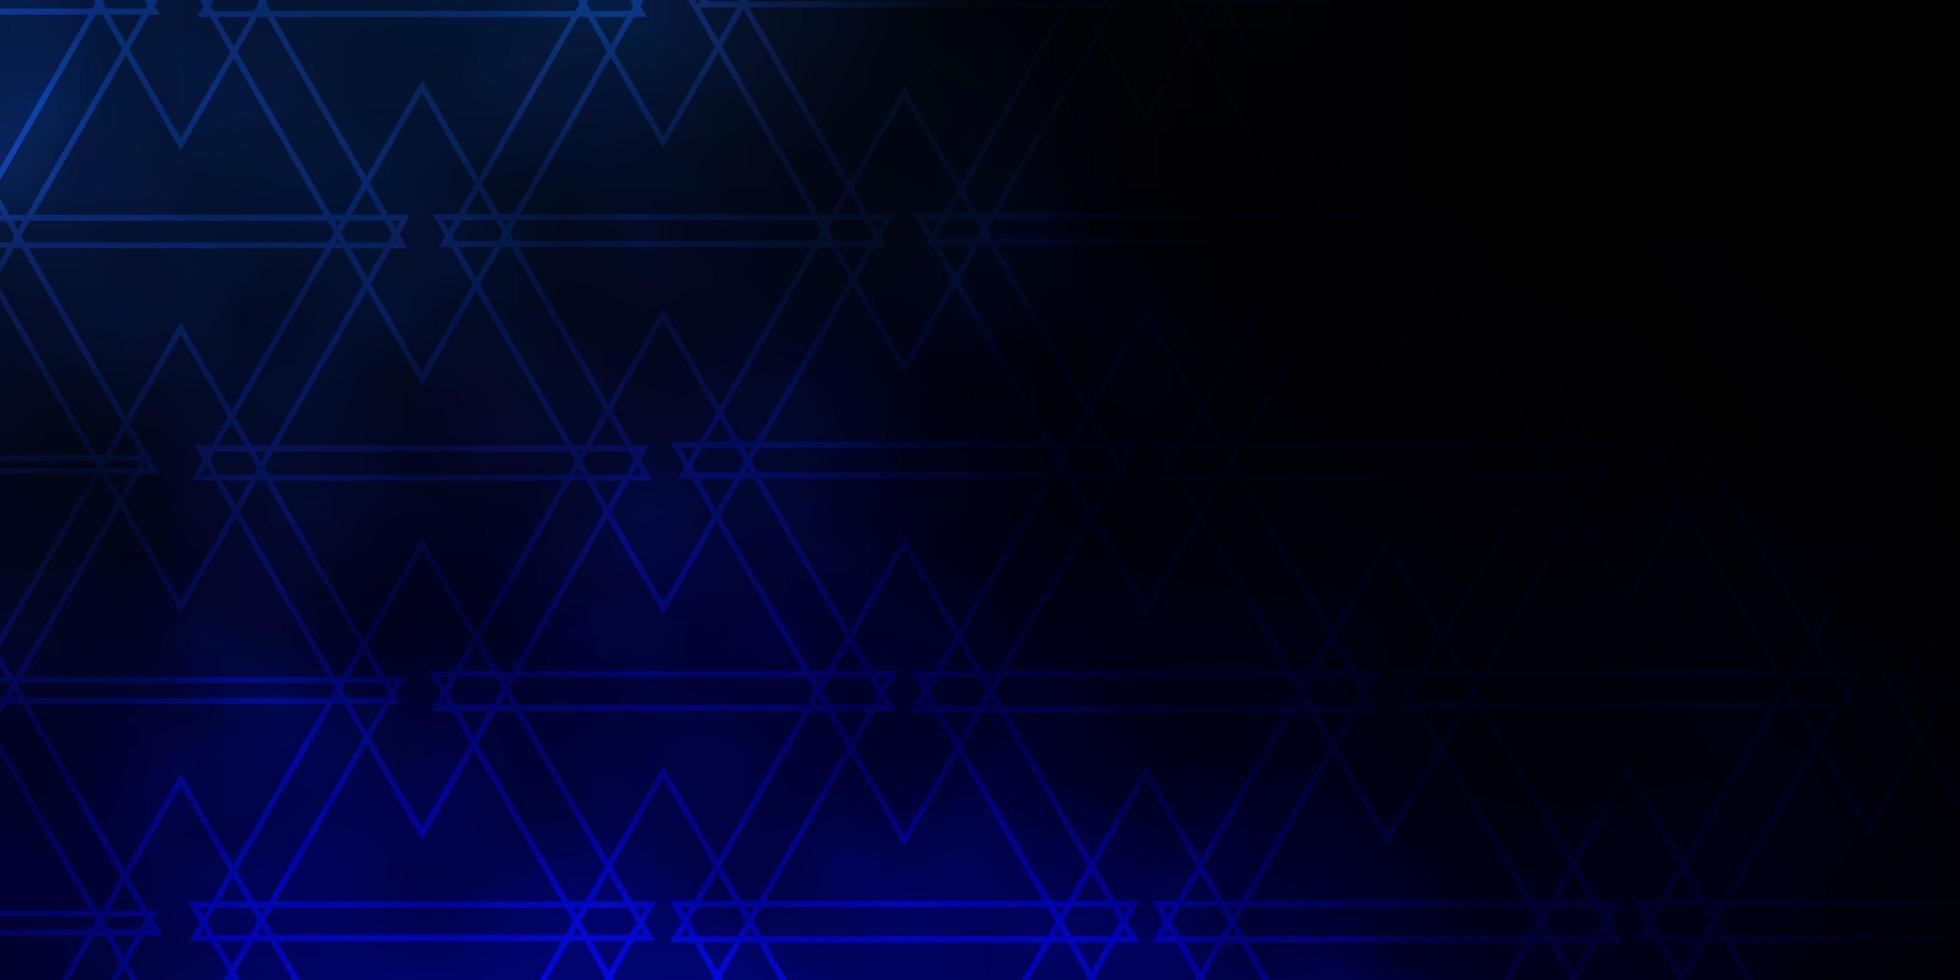 mise en page bleu foncé avec des lignes, des triangles. vecteur